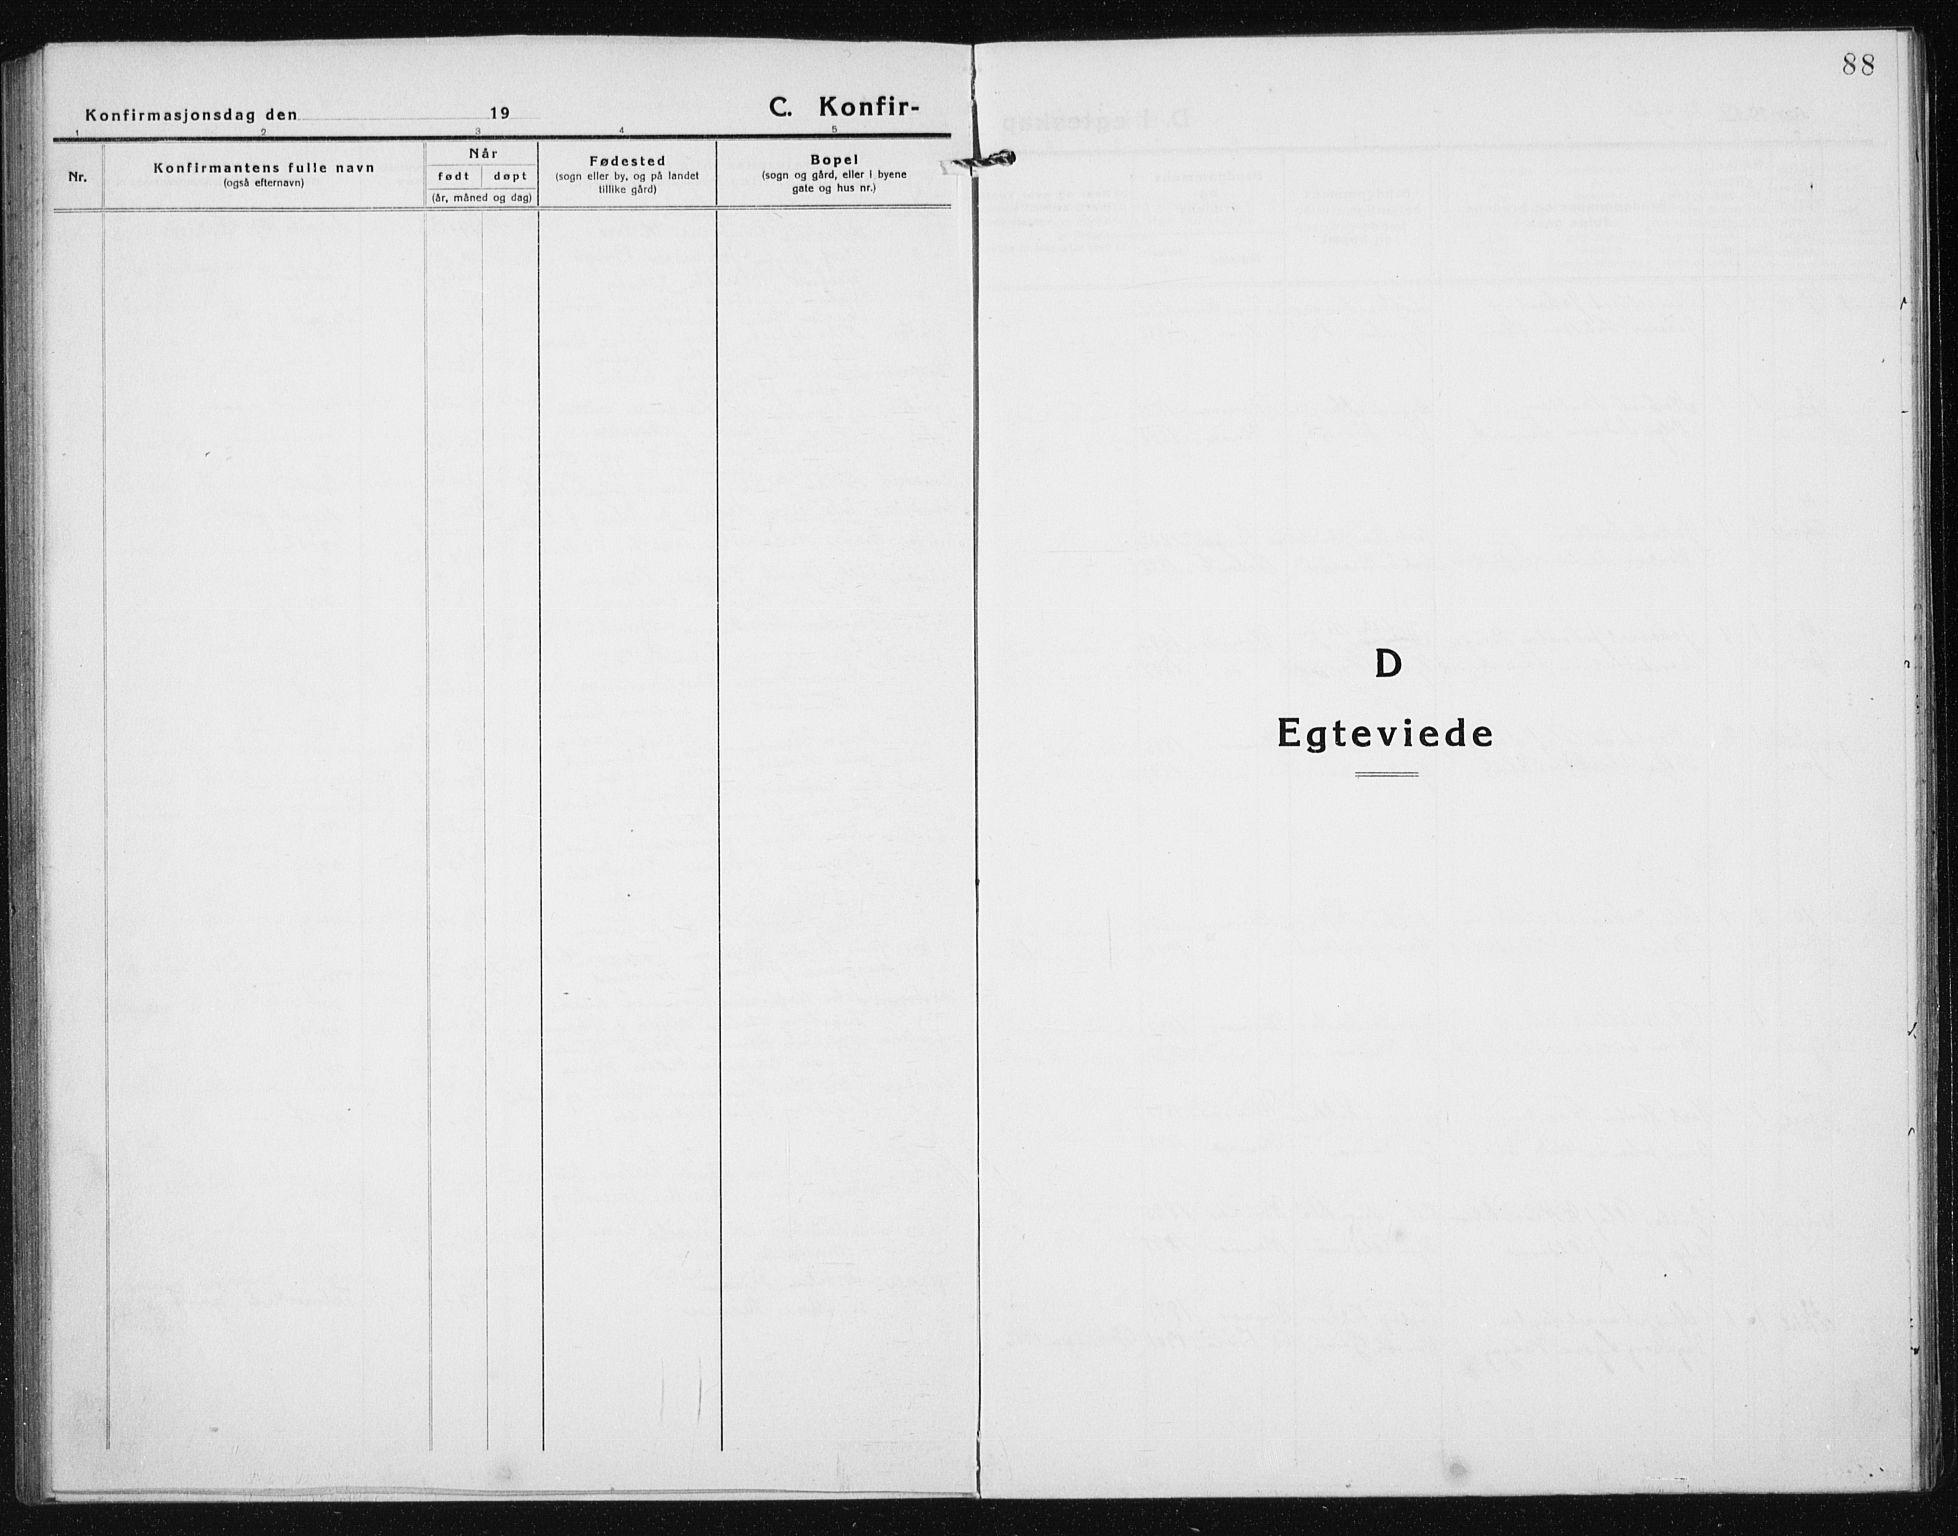 SAT, Ministerialprotokoller, klokkerbøker og fødselsregistre - Sør-Trøndelag, 635/L0554: Klokkerbok nr. 635C02, 1919-1942, s. 88